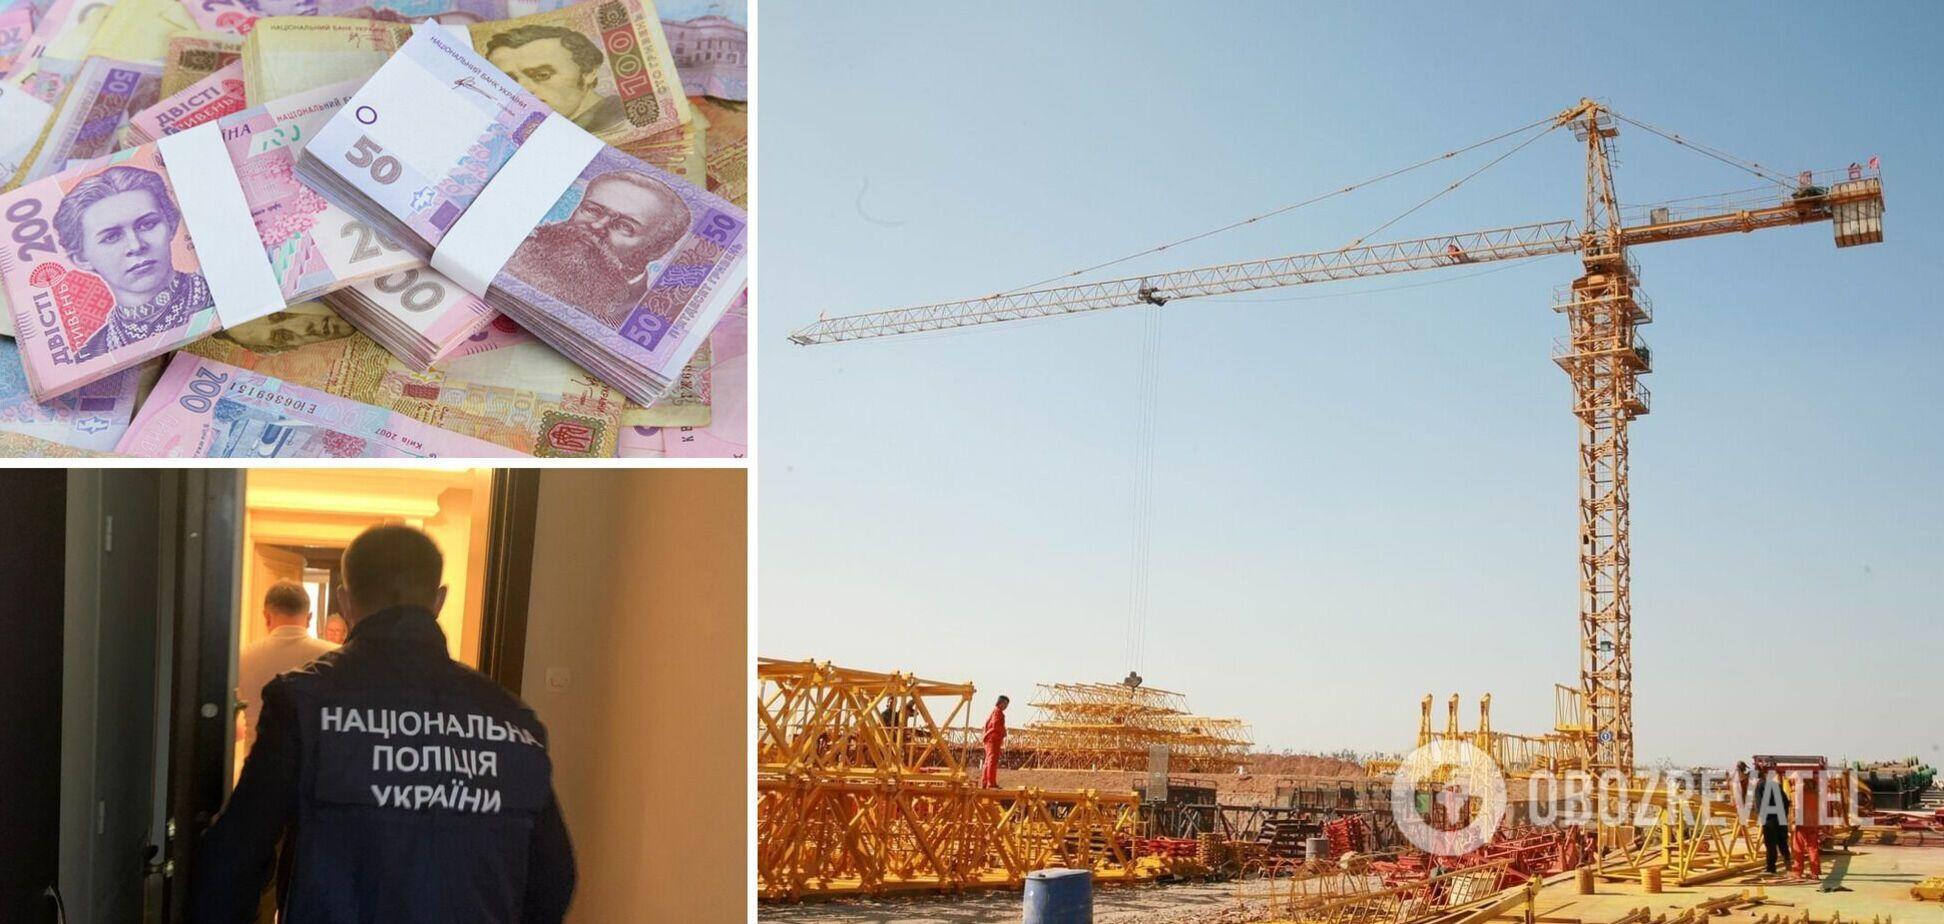 Украинцы инвестировали 2 млн в новый ЖК в Киеве: их обманул застройщик. Фото